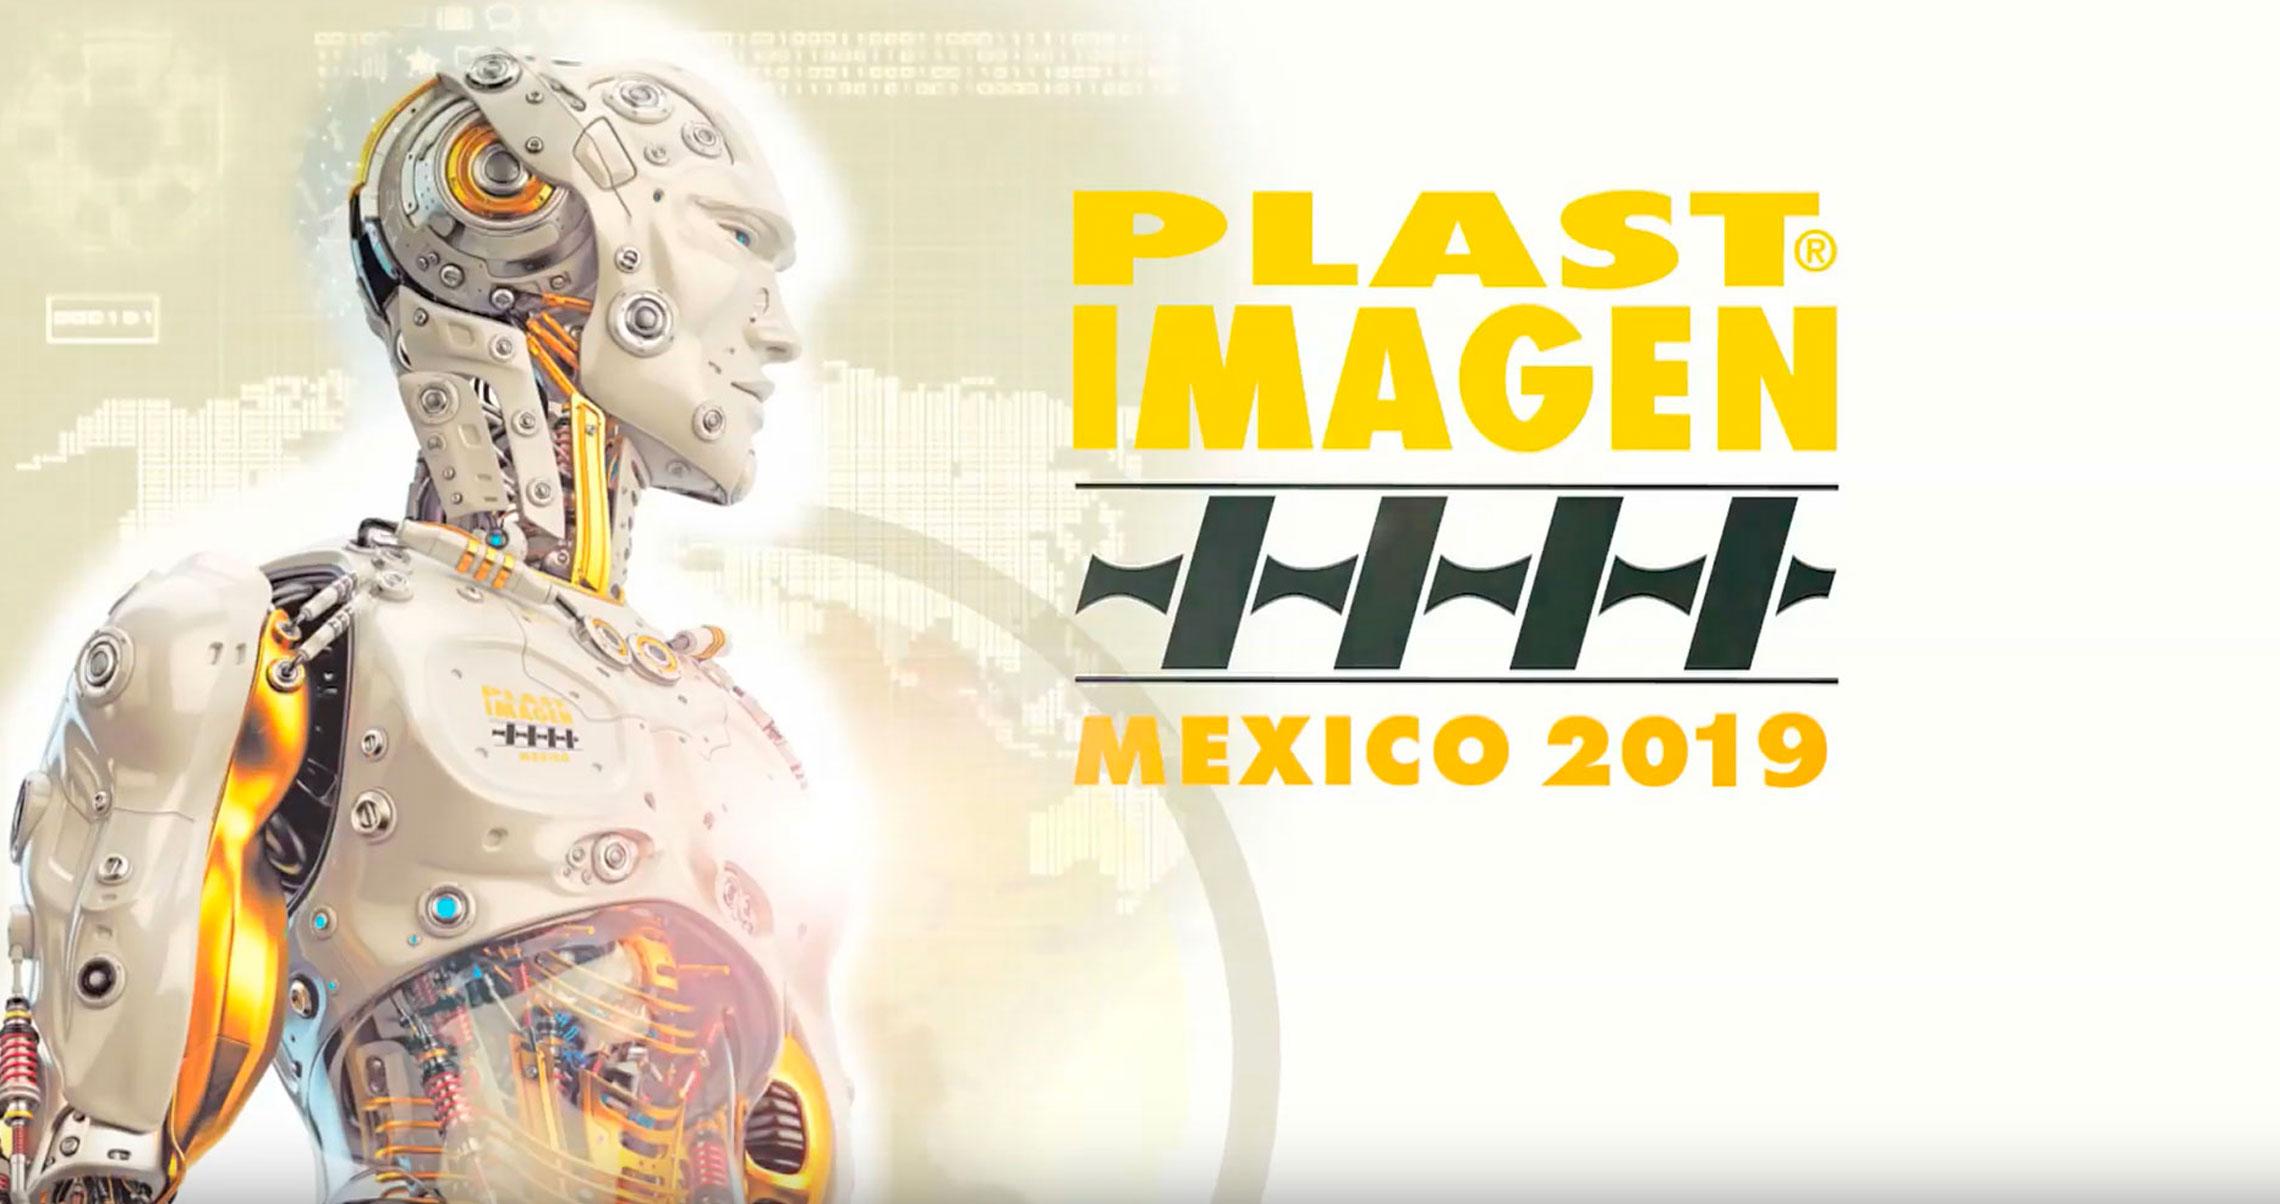 Plast Imagen México 2019